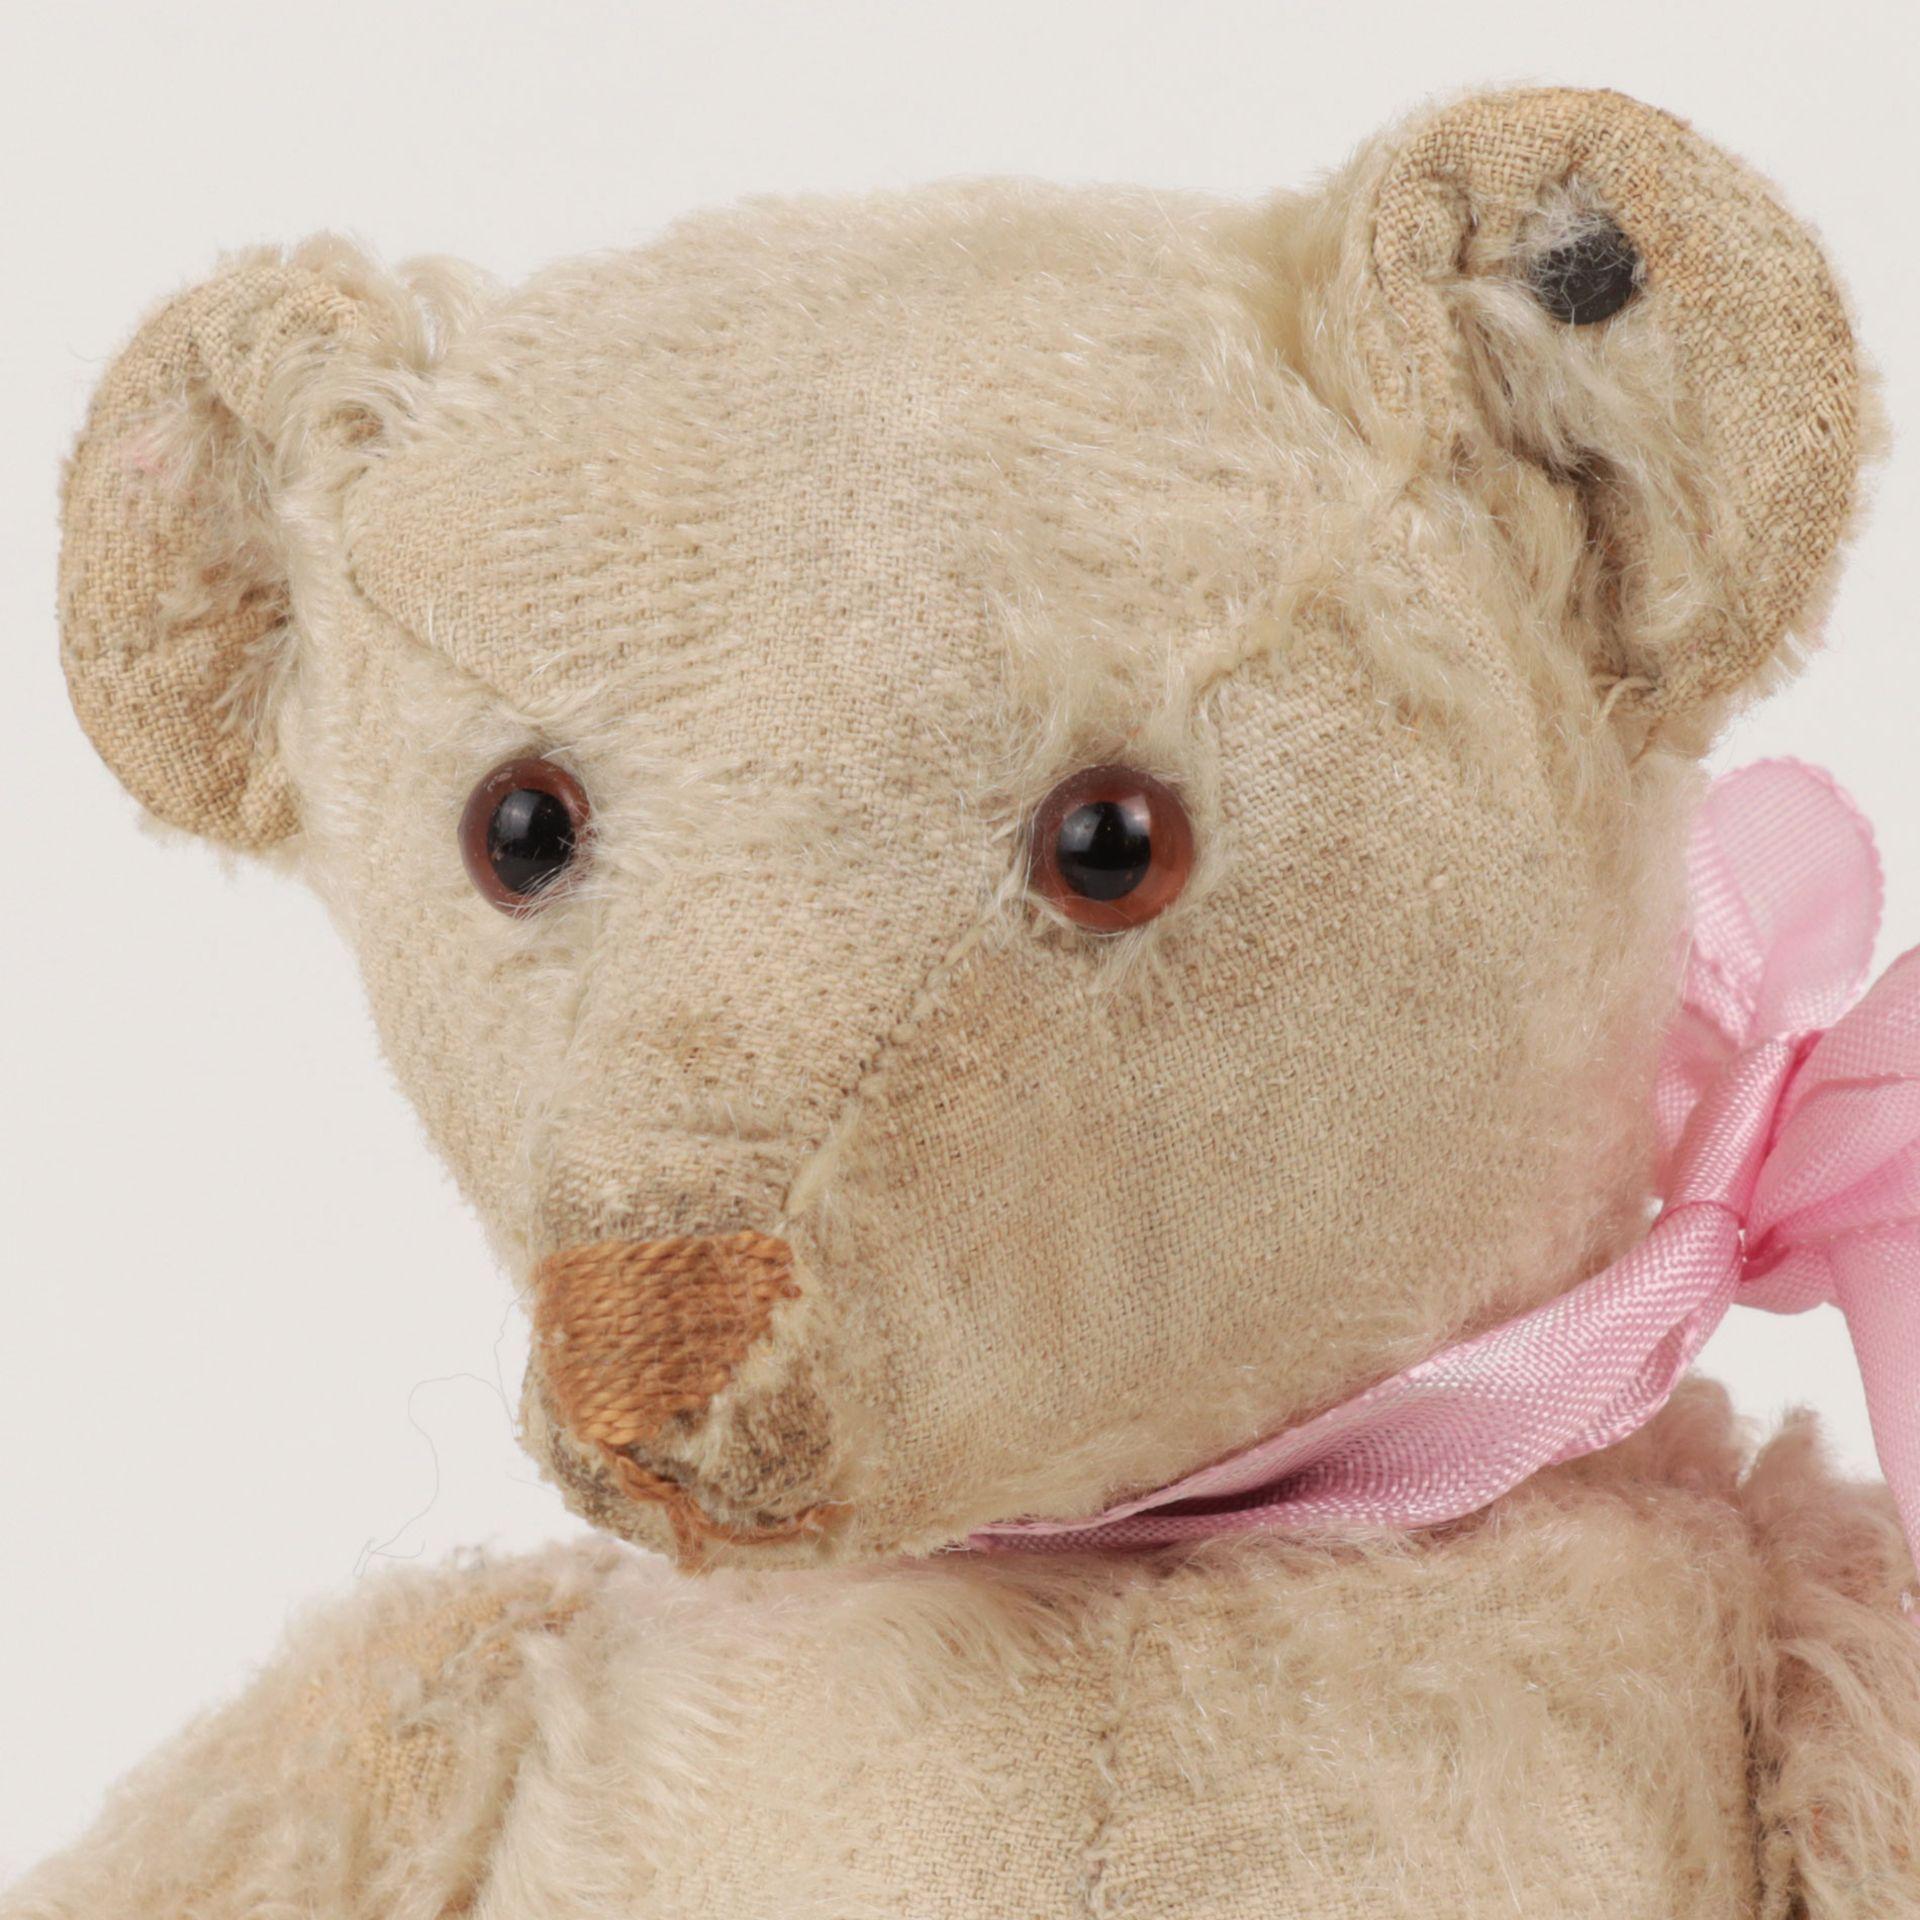 Steiff – Teddybär um 1930, Knopf im Ohr (mit heruntergezogenem 'f'), heller Mohairb - Image 2 of 7